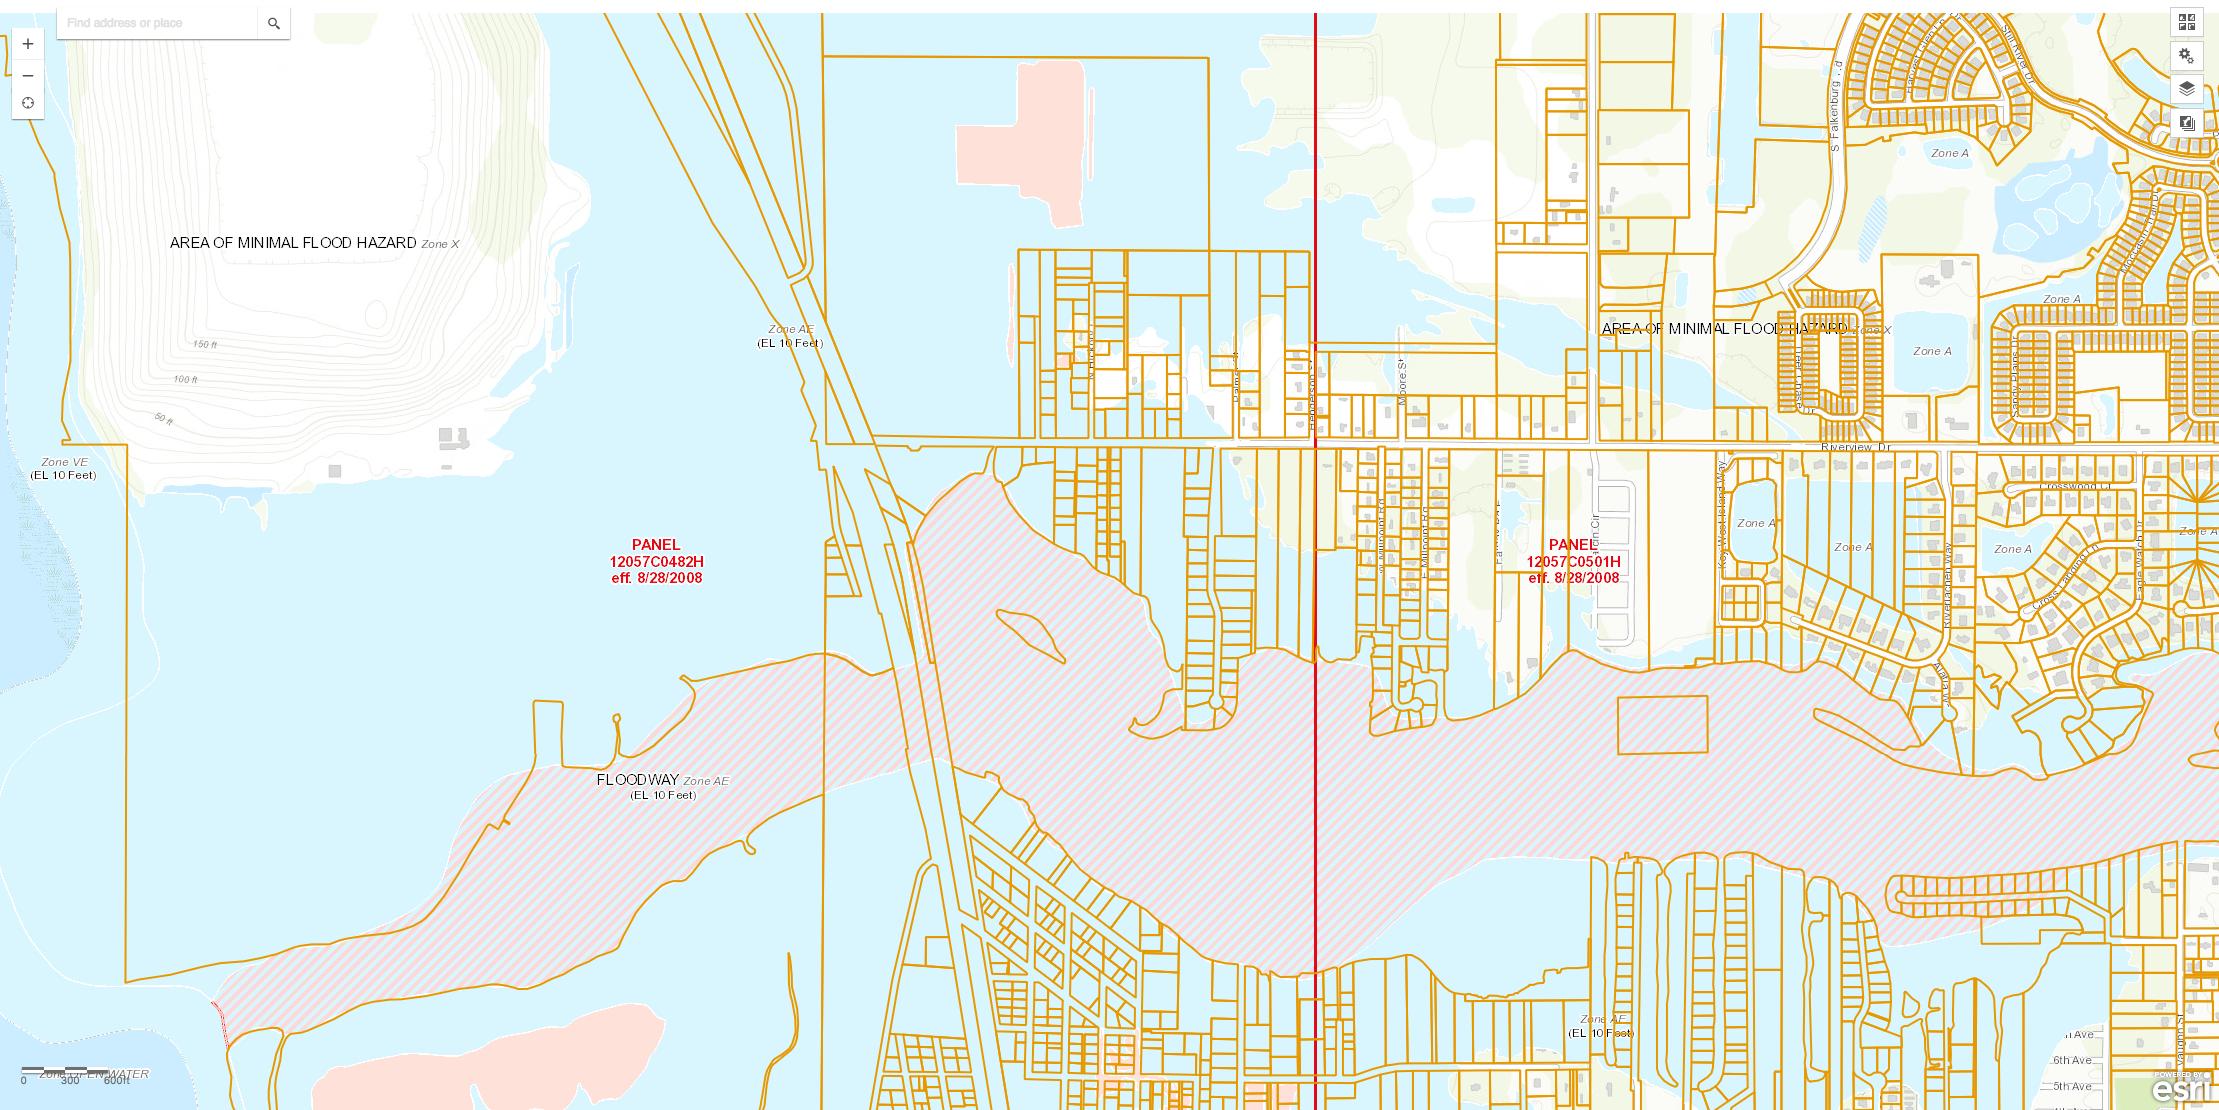 Be Smart Land Audit - FEMA 100 Yr Flood Zones - Be Smart Land Audit